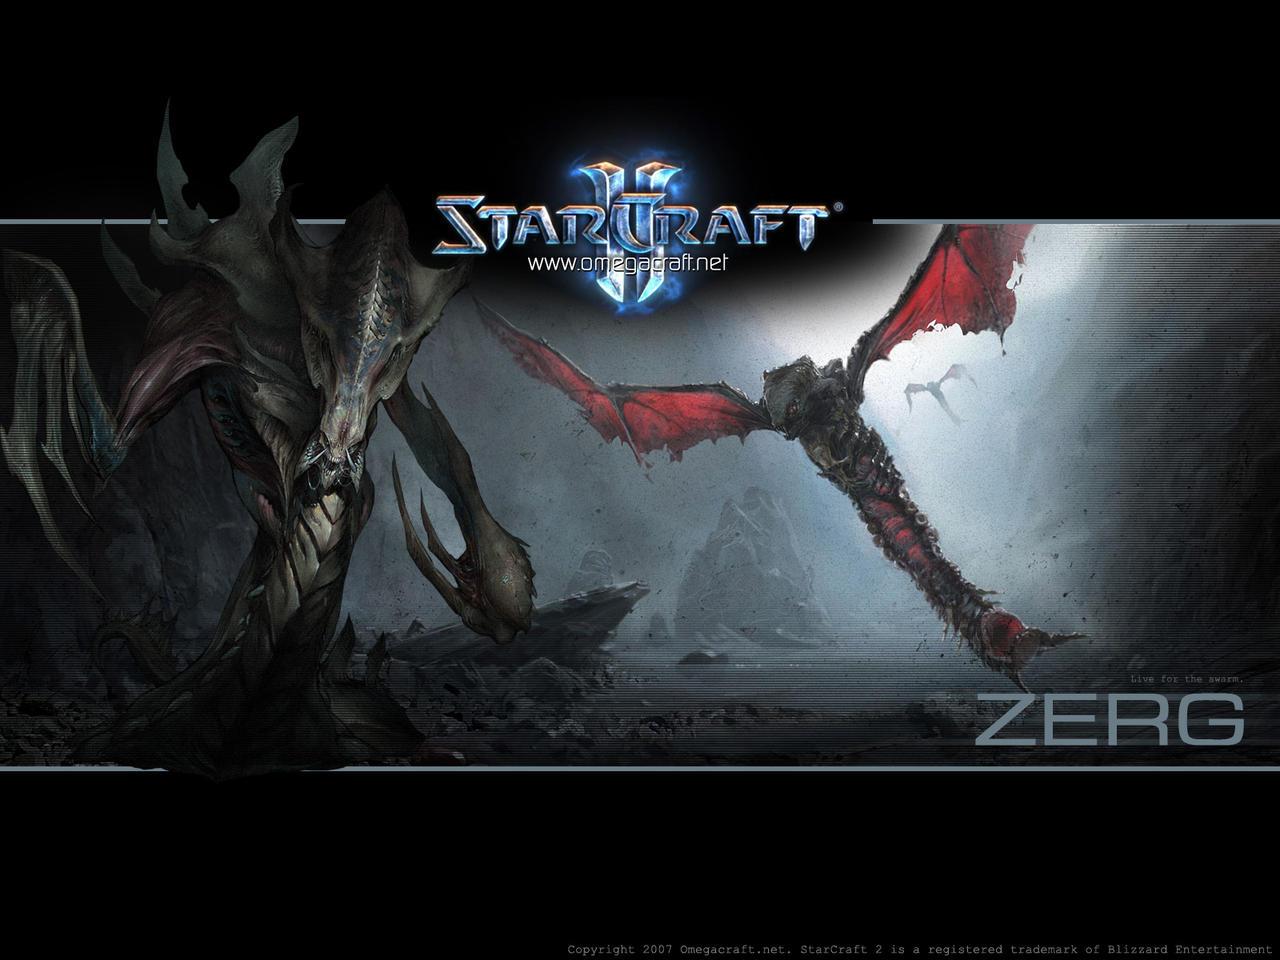 Starcraft 2 Zerg Wallpaper by maul on DeviantArt